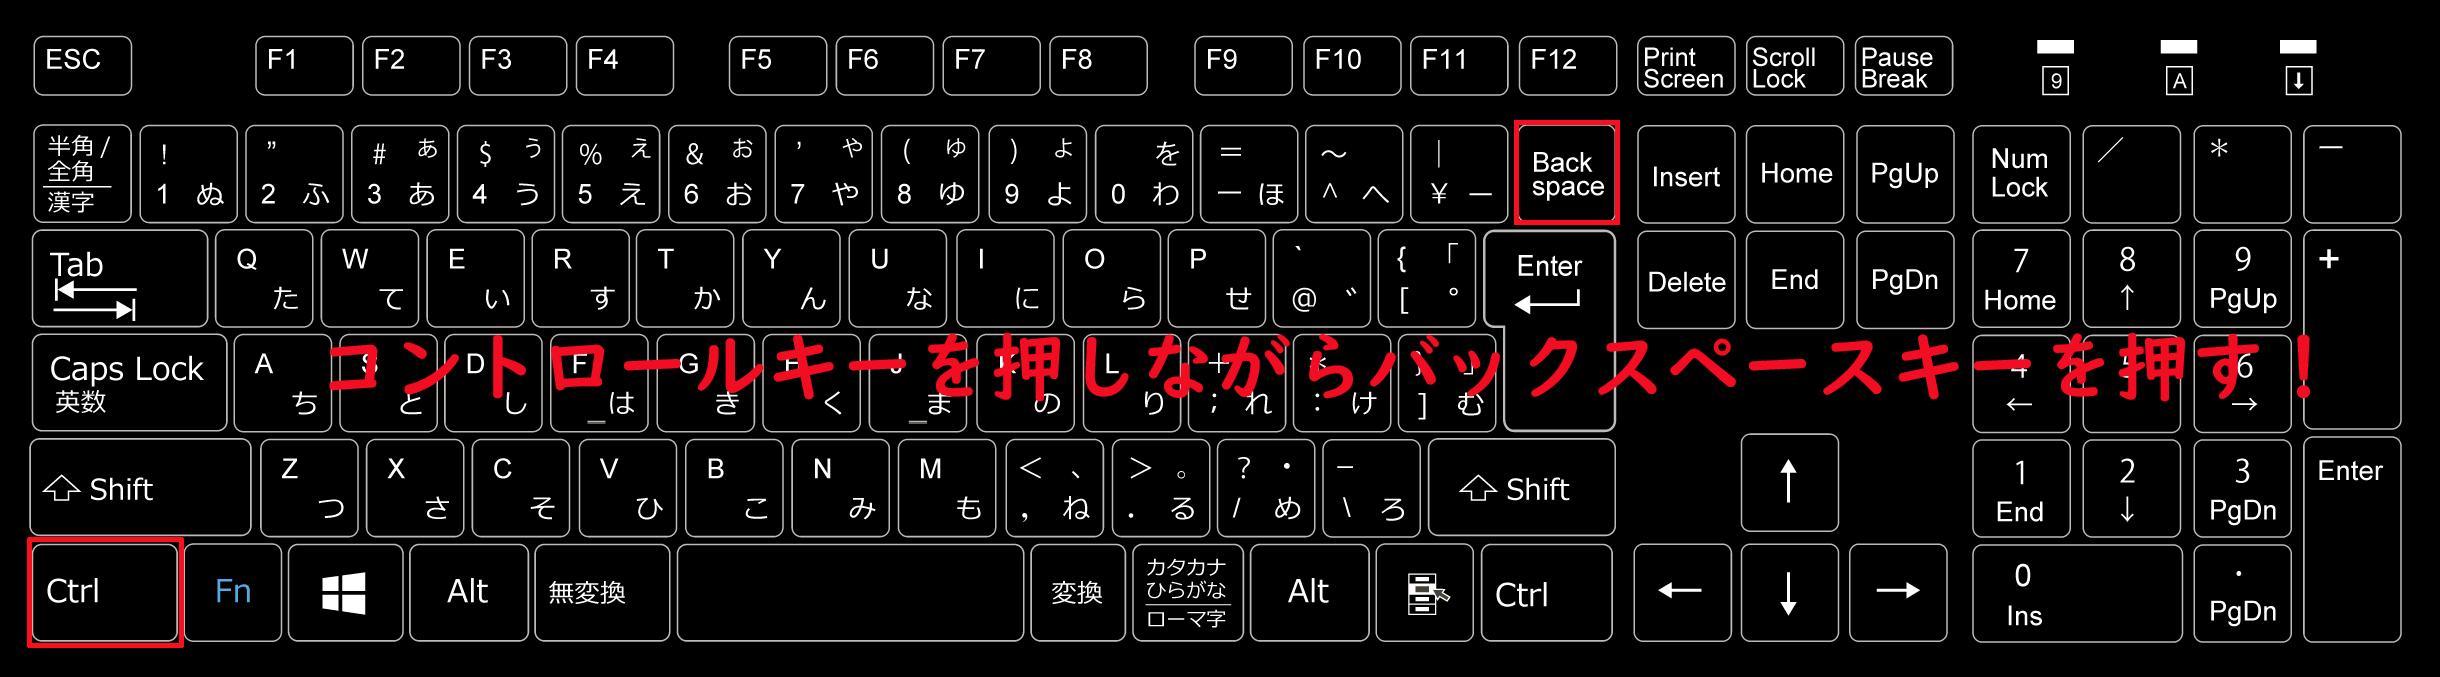 コントロールキーを押しながらバックスペースキーを押すことで確定してしまった文字を確定前の状態に戻すことができる